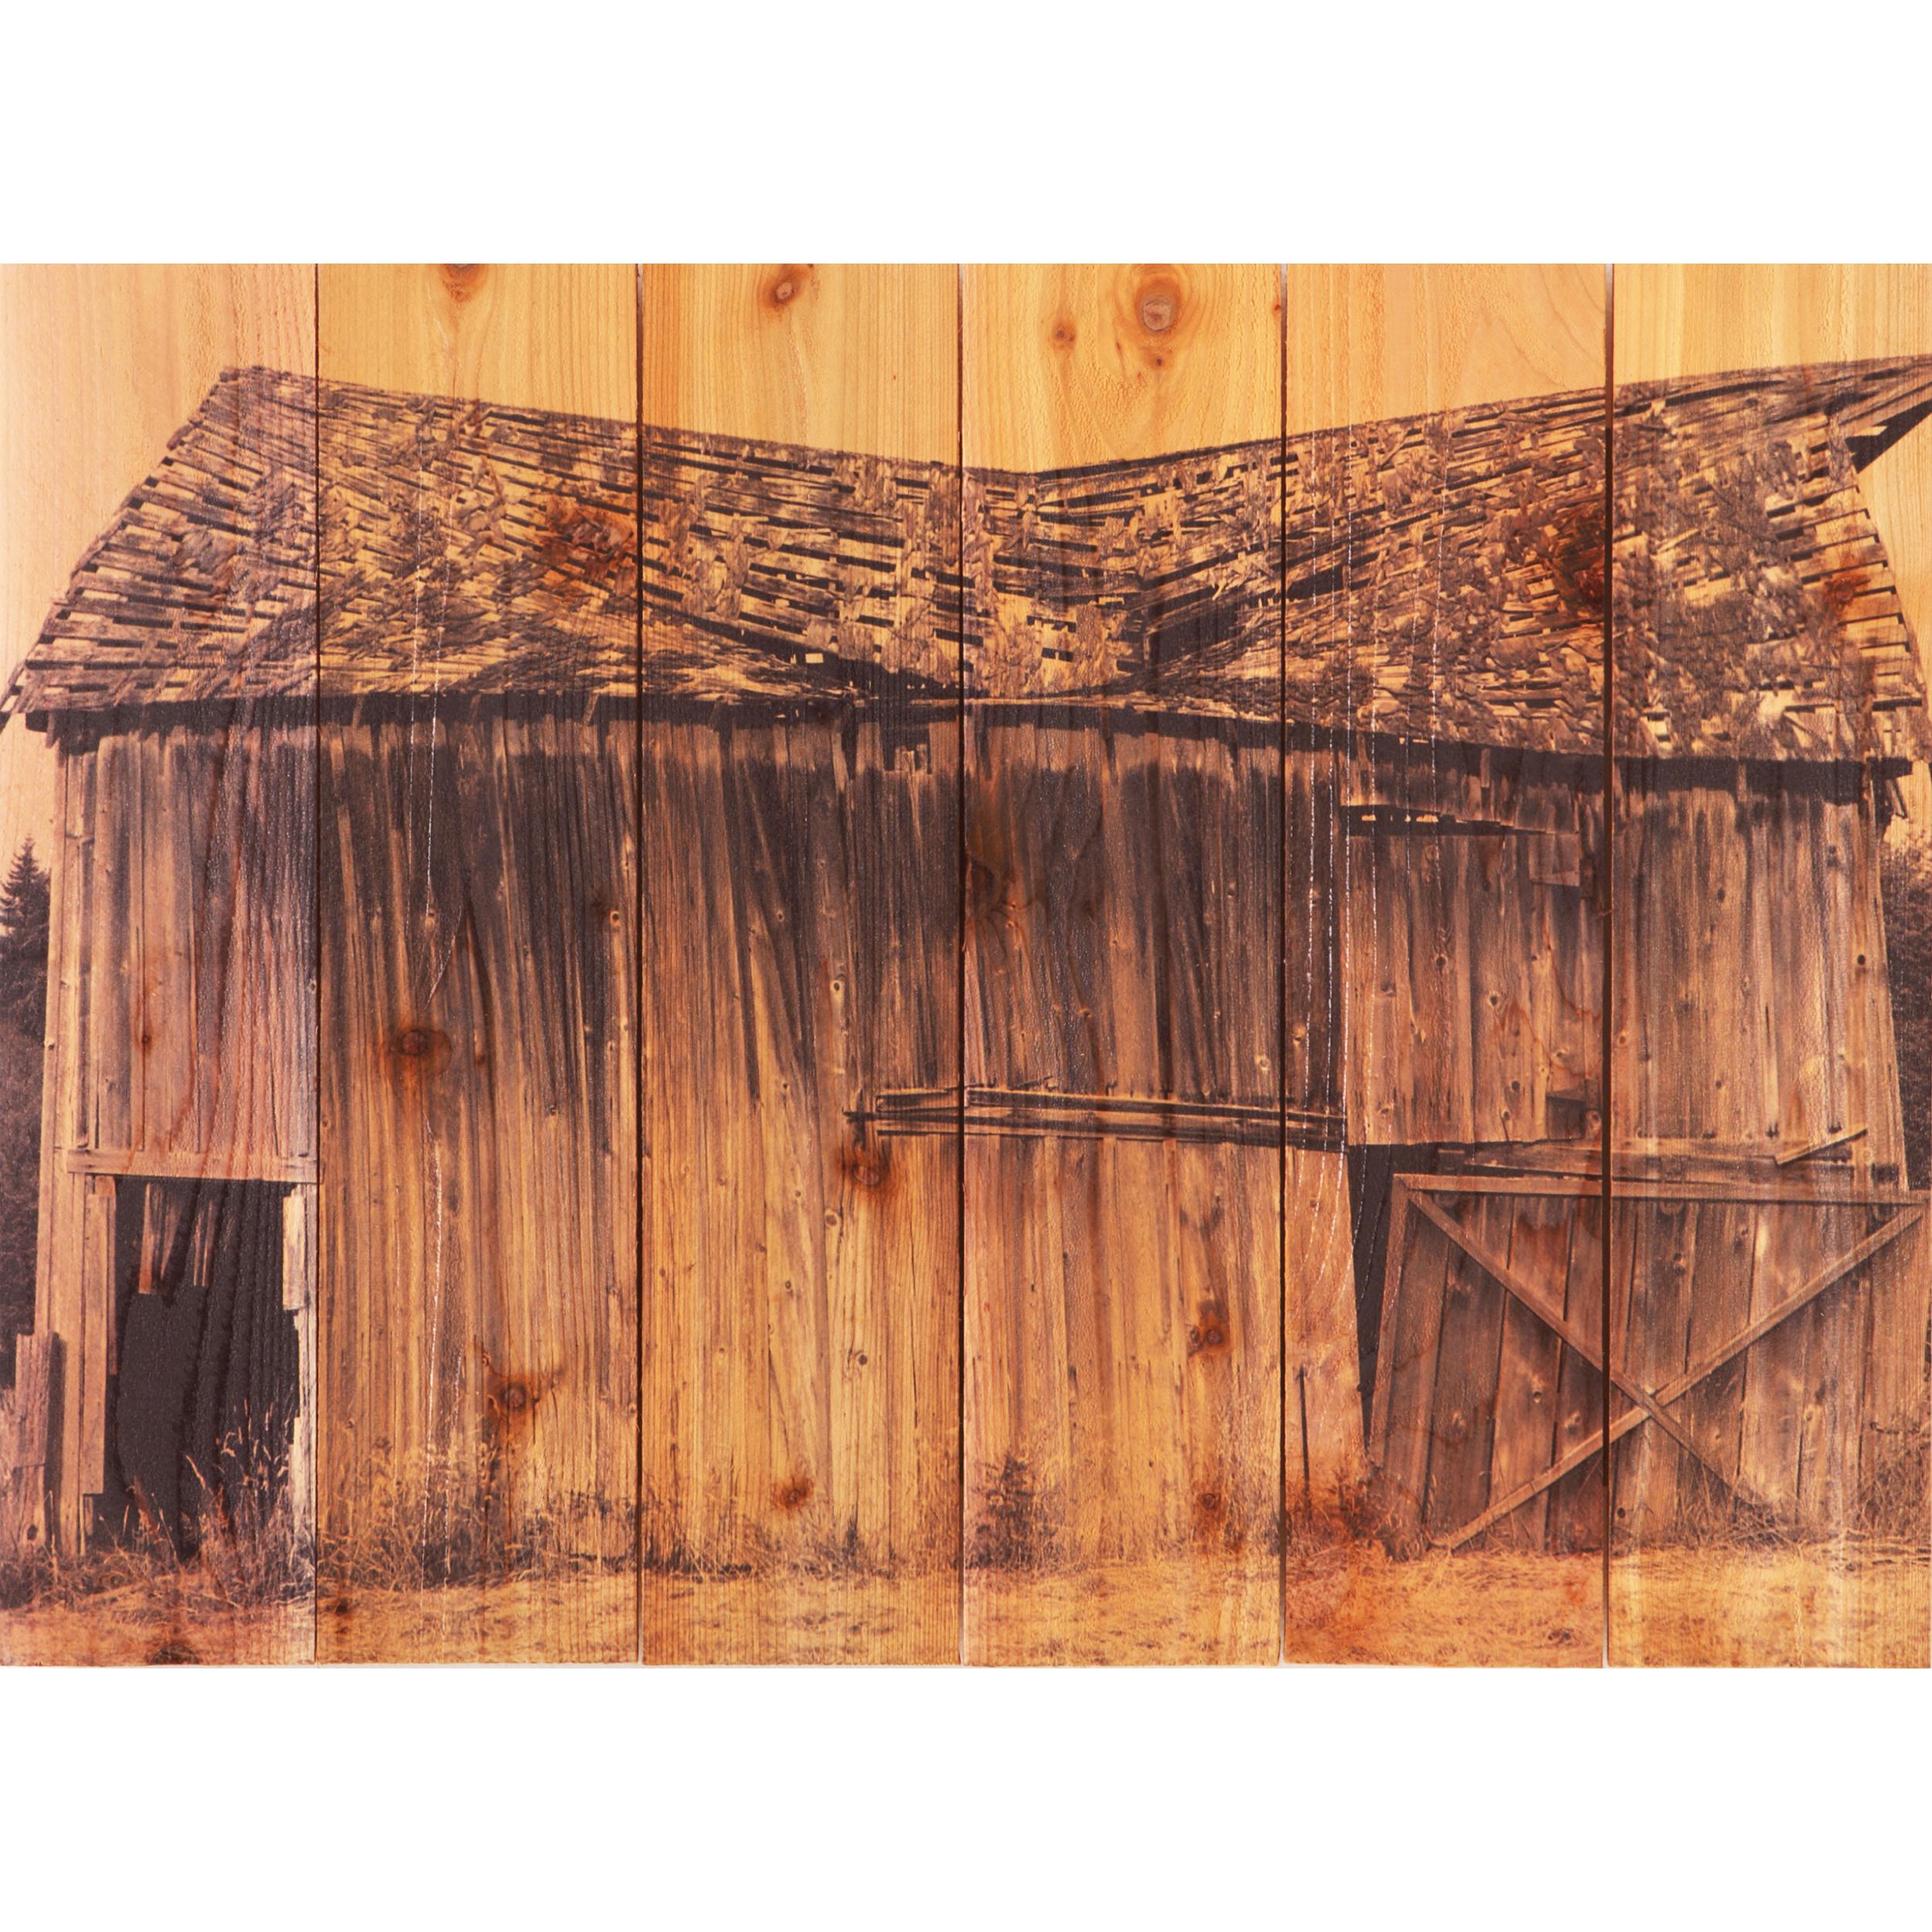 Daydream Gizaun Cedar Wall Art, Old Barn, 22.5